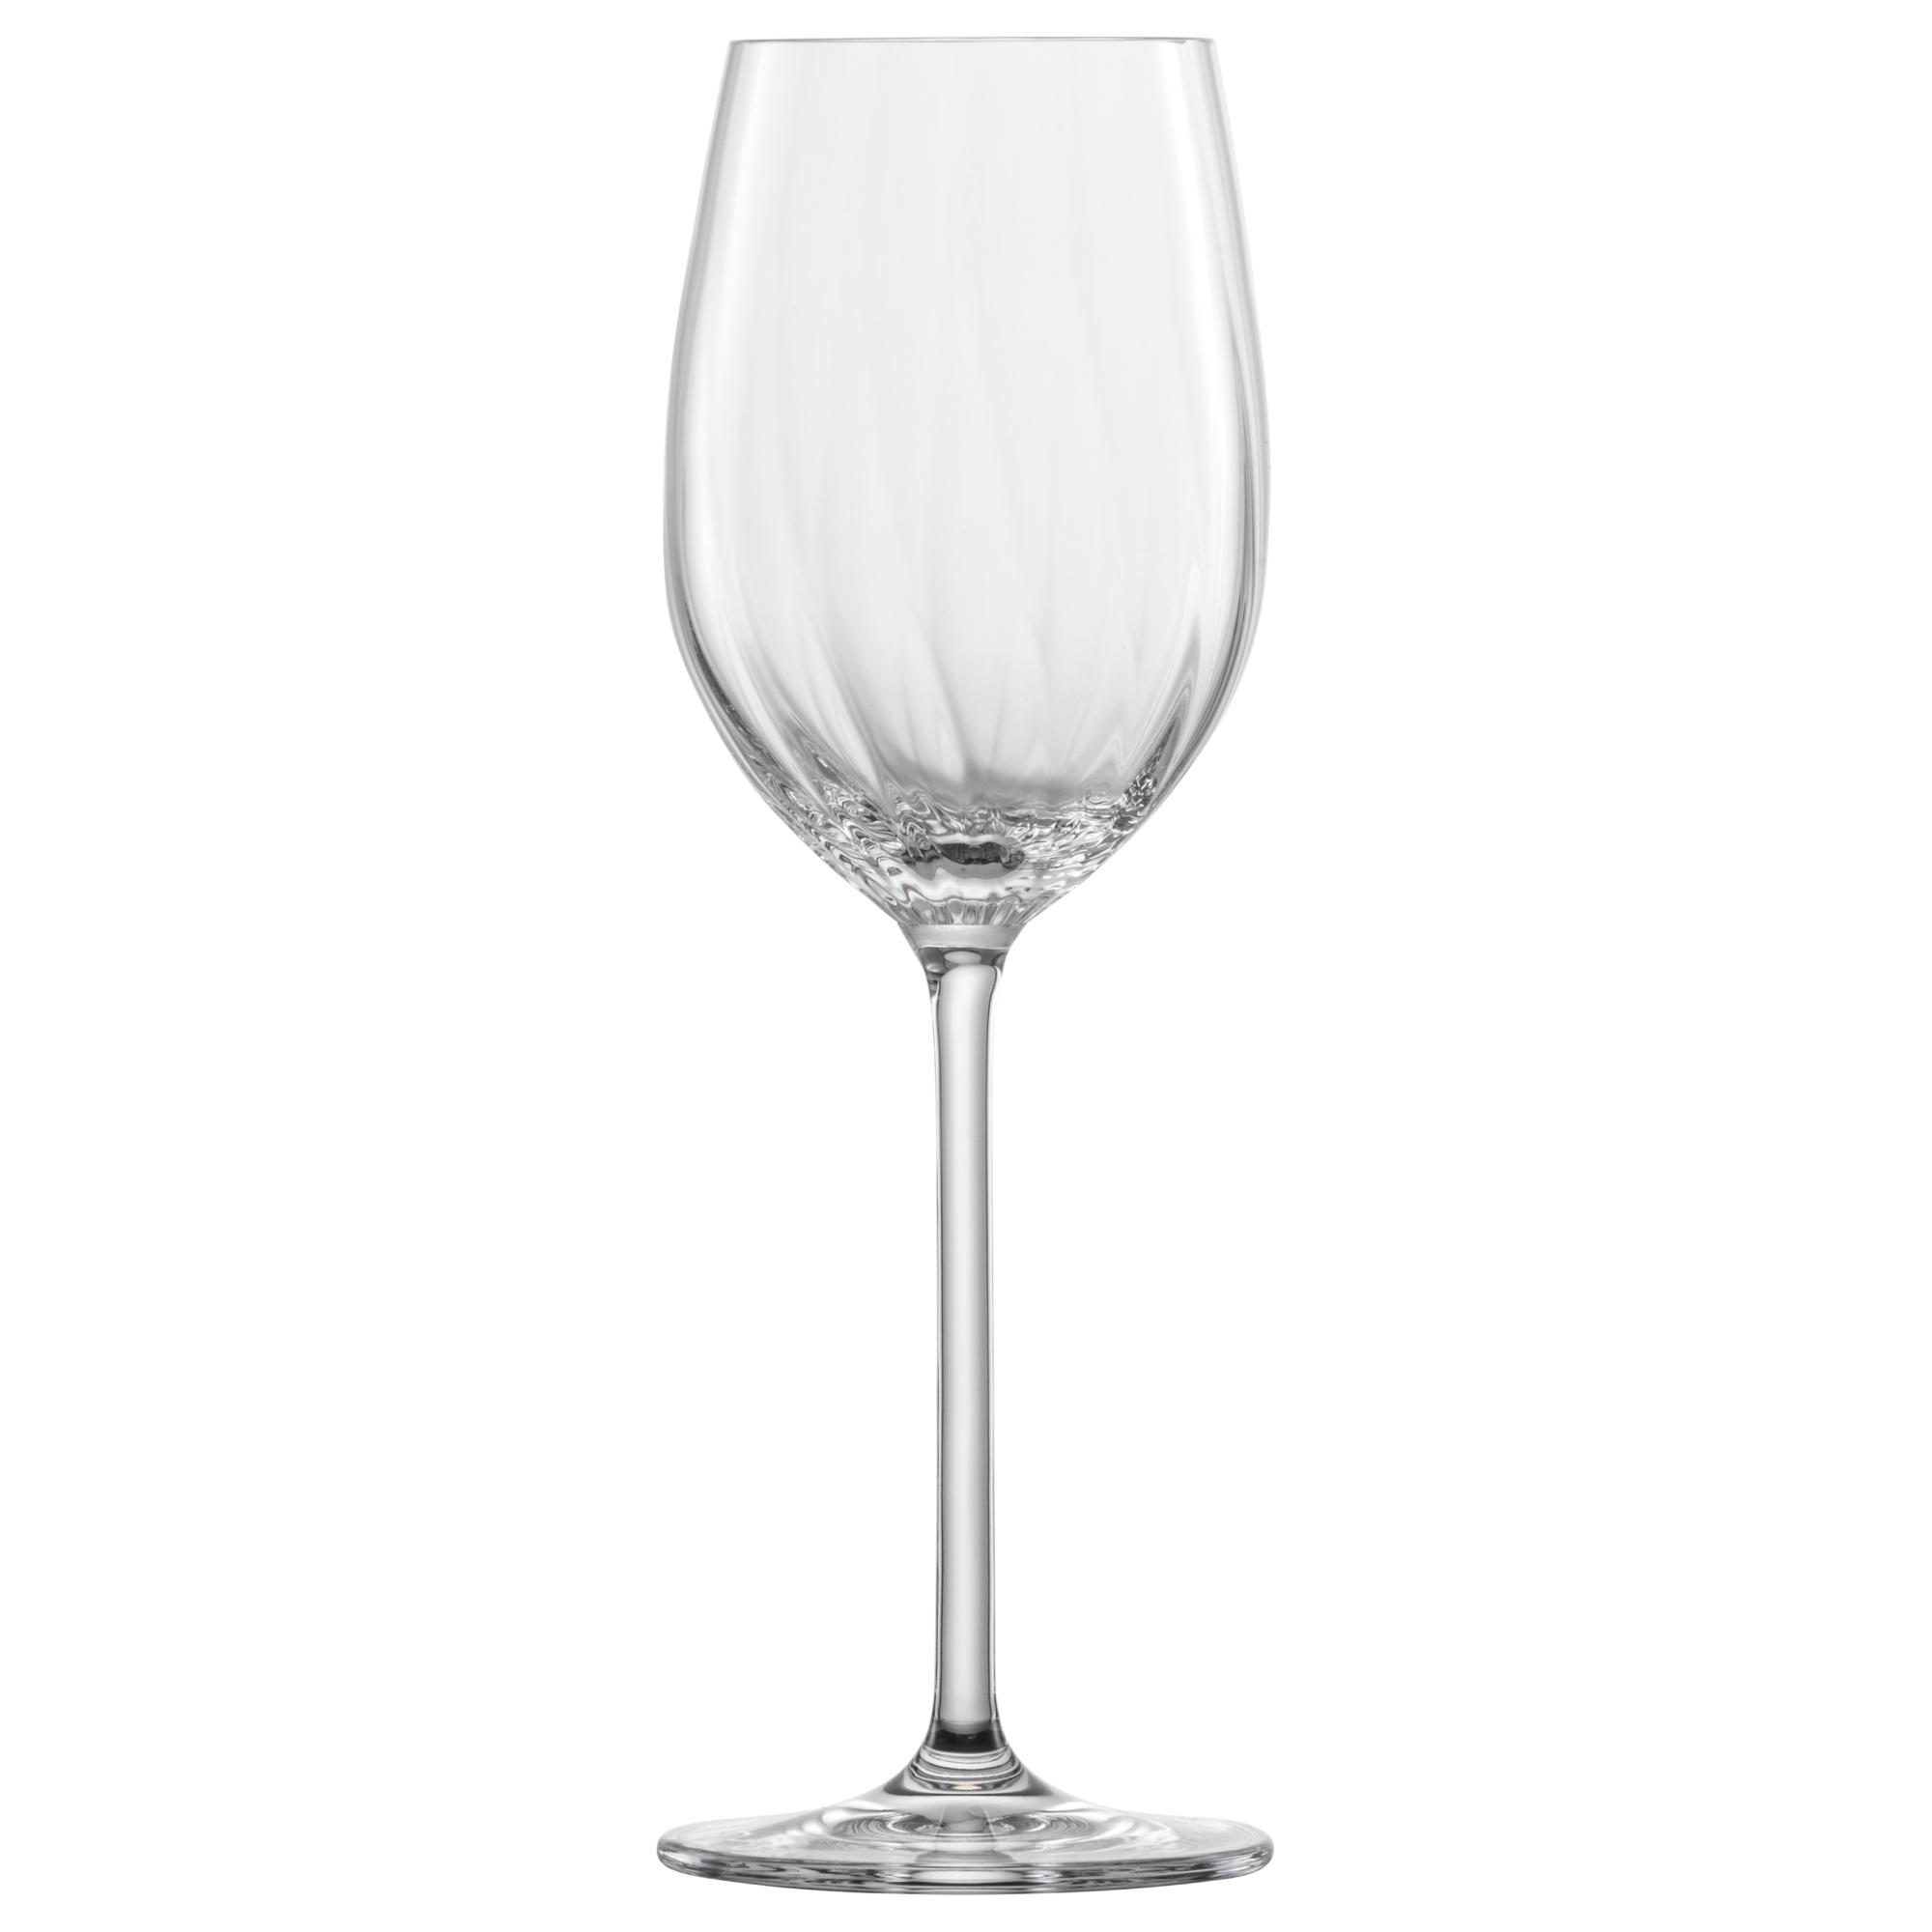 Фото - Набор бокалов для белого вина Schott Zwiesel Prizma 290 мл 2 шт набор бокалов для красного вина schott zwiesel prizma 561 мл 6 шт